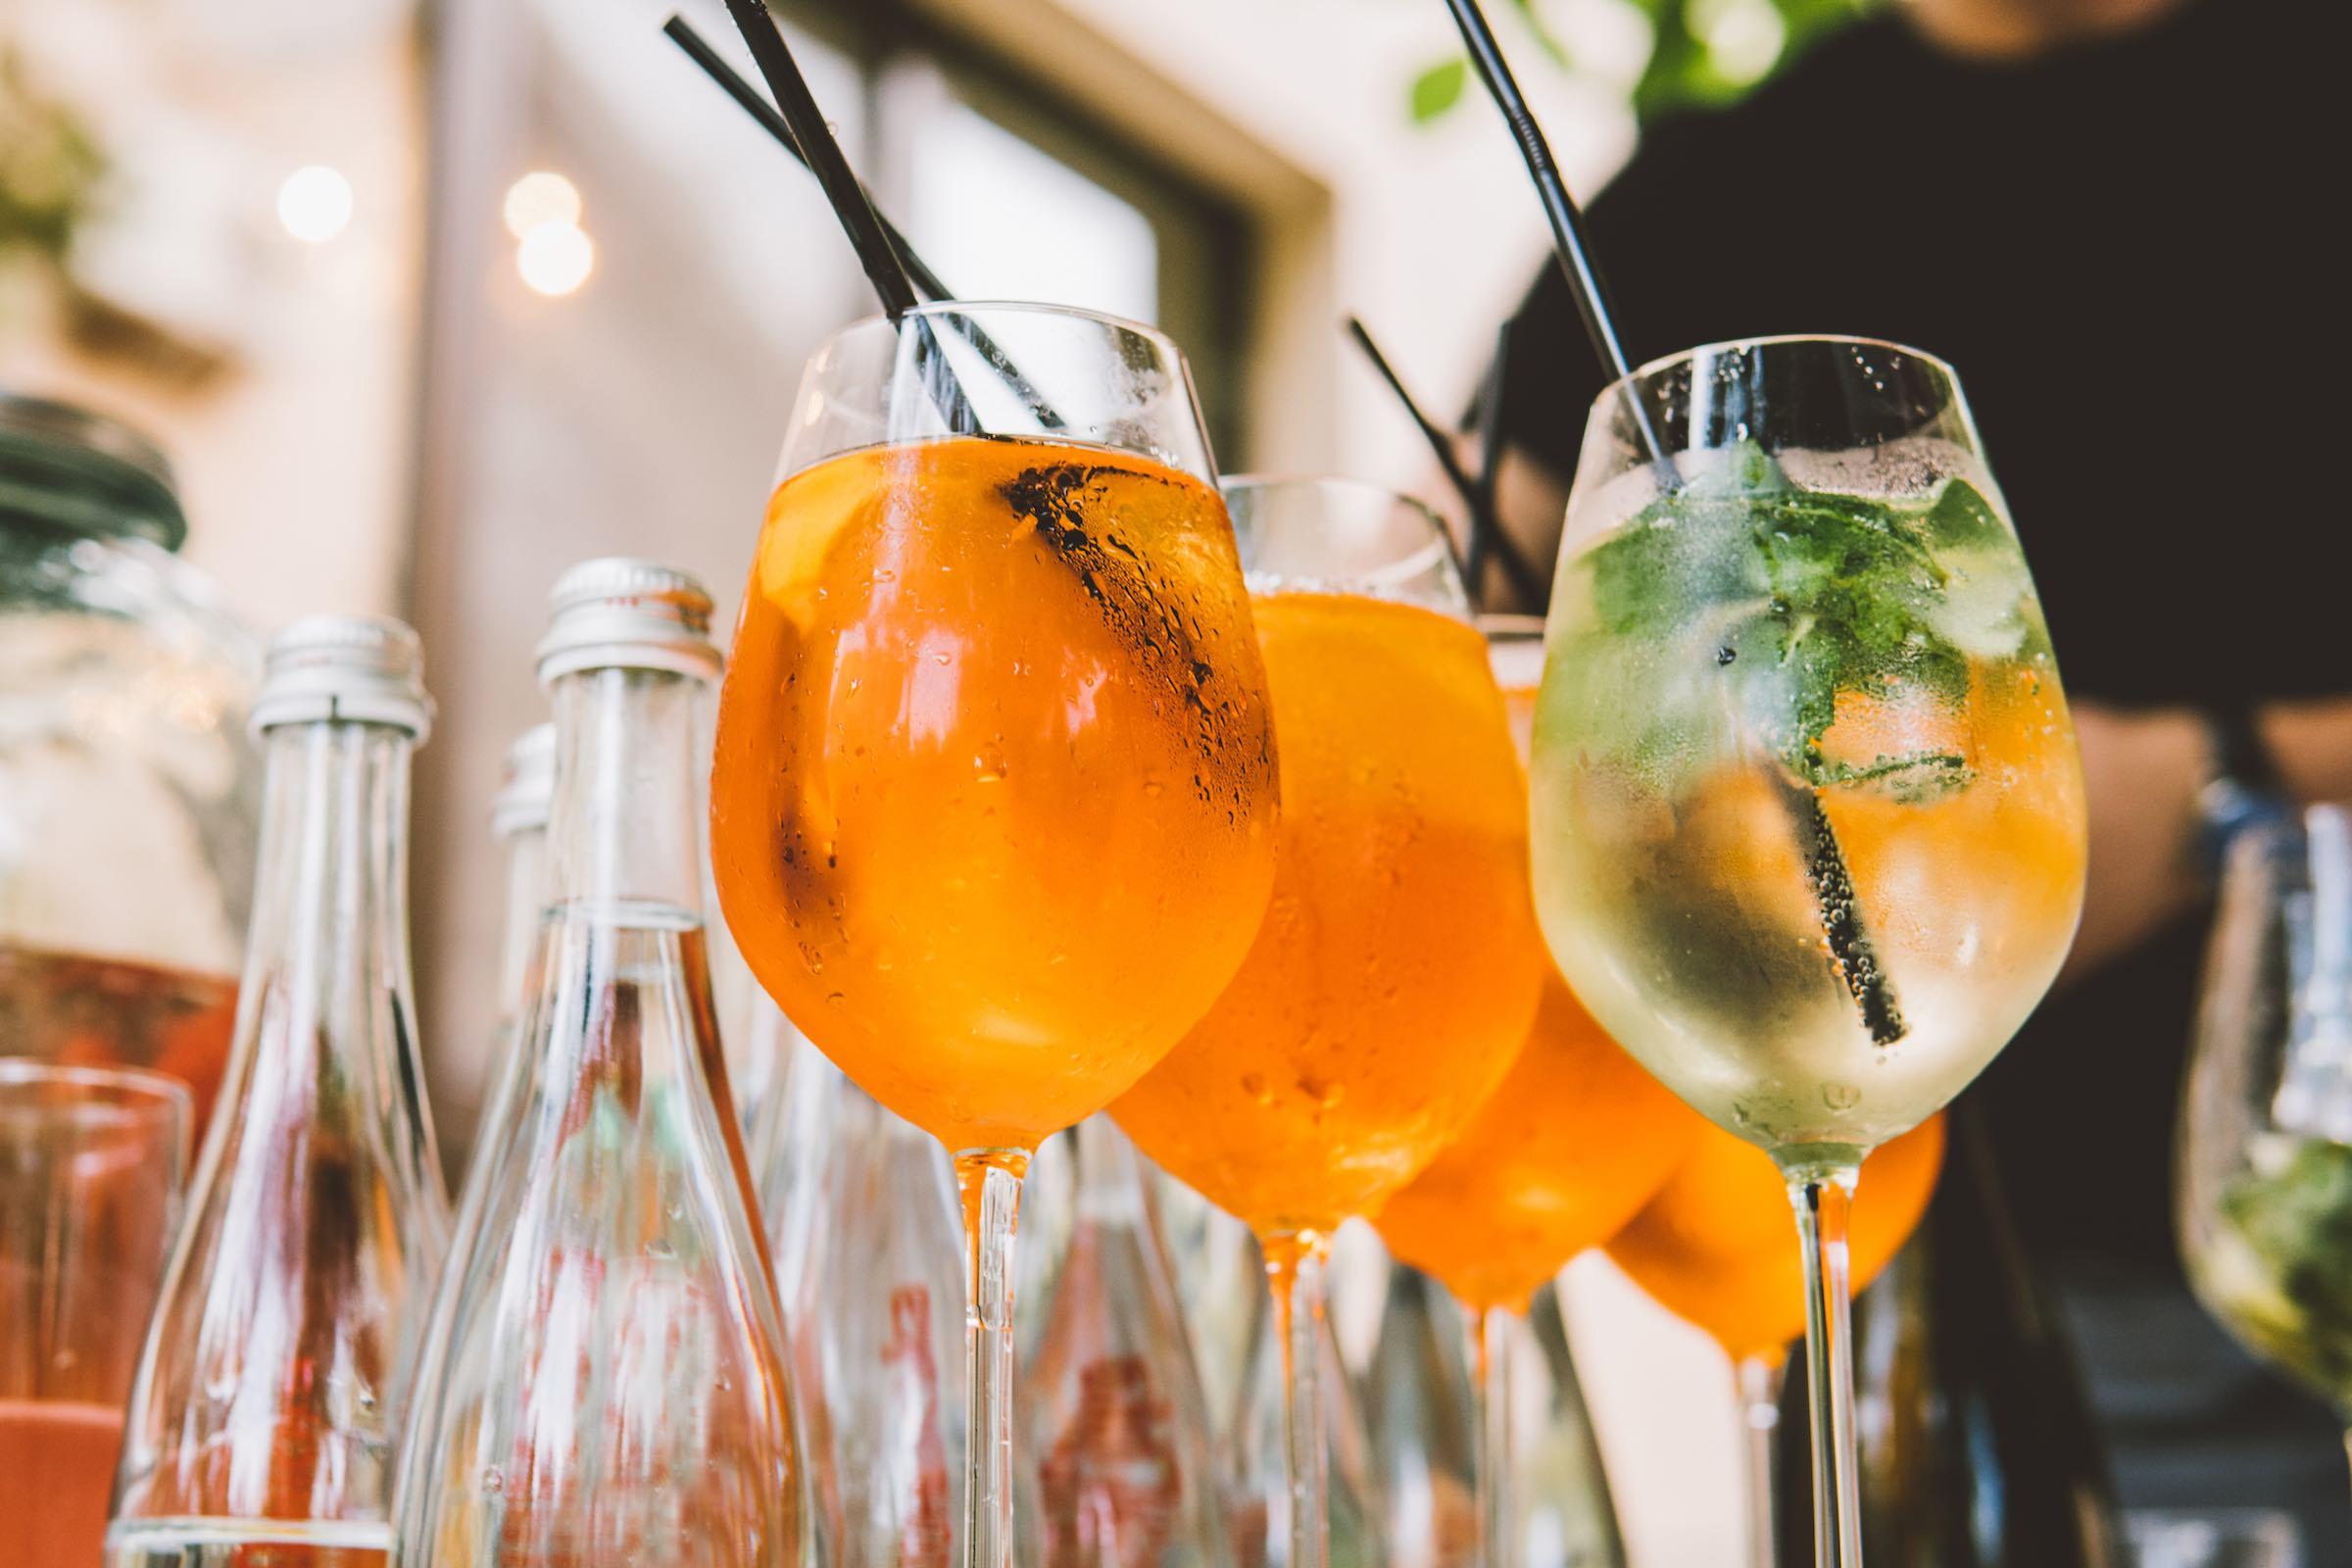 Barformat Hannover - Mobile Bar | Catering | Team | Gastronomie | Messe | Firmenevent | Cocktails |Buchen | Mieten | Anfragen | Hannover | Hameln | Bremen | Braunschweig